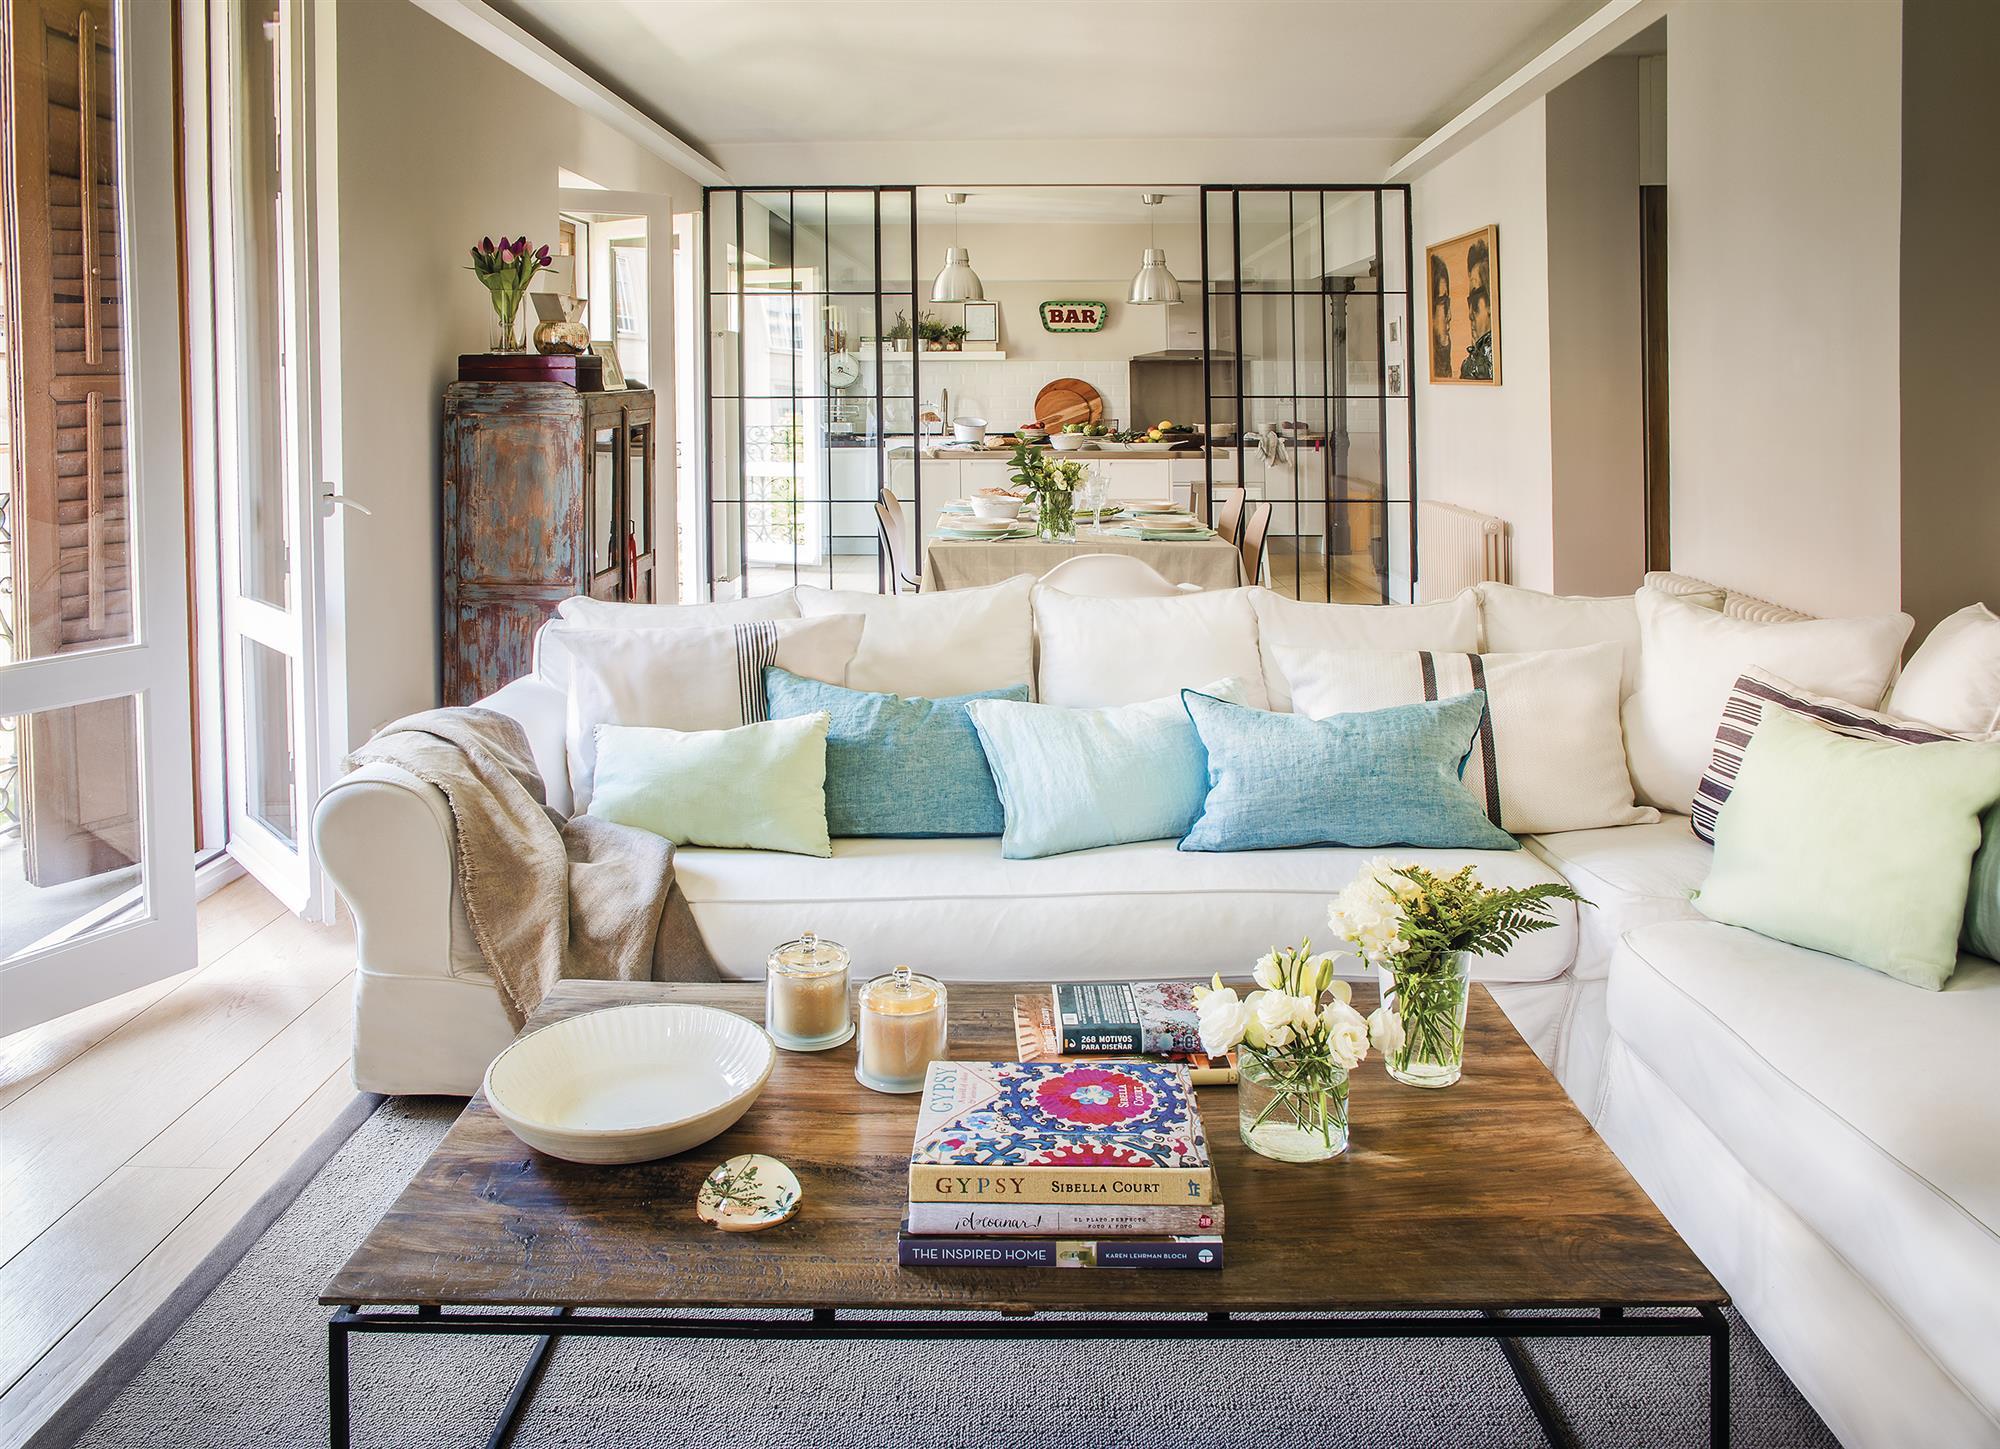 Un piso de 67 m2 en madrid reformado para ampliar la familia for Decoracion interiores apartamentos pequenos